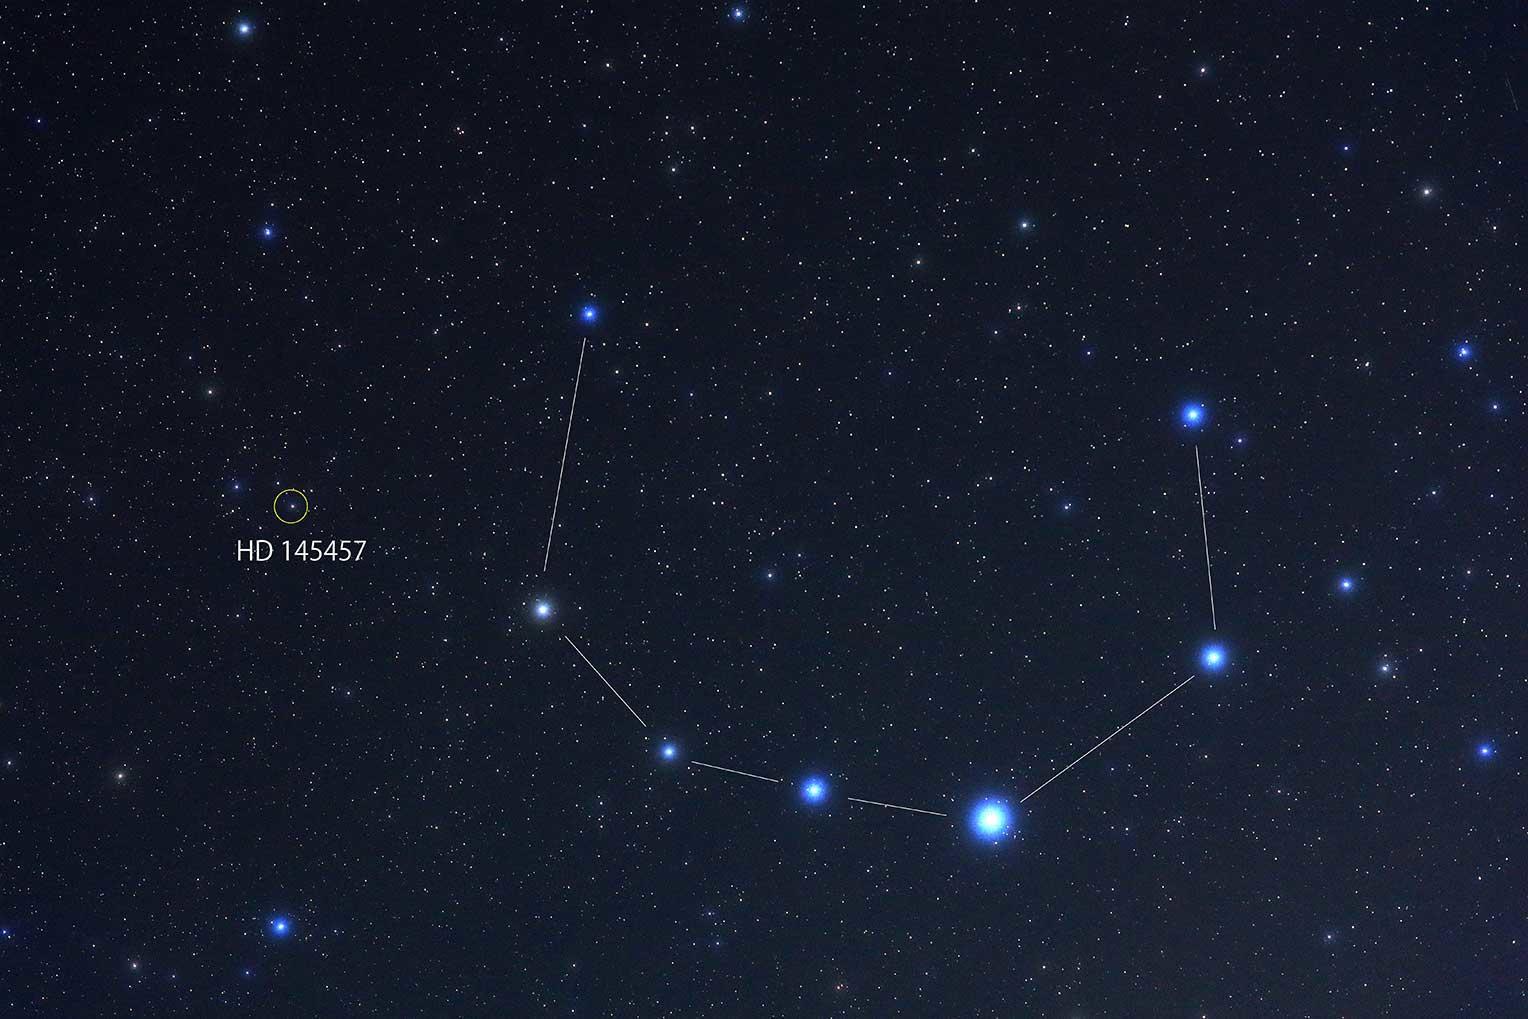 すばる望遠鏡で発見された太陽系外惑星系に「カムイ」「ちゅら」という名前 図